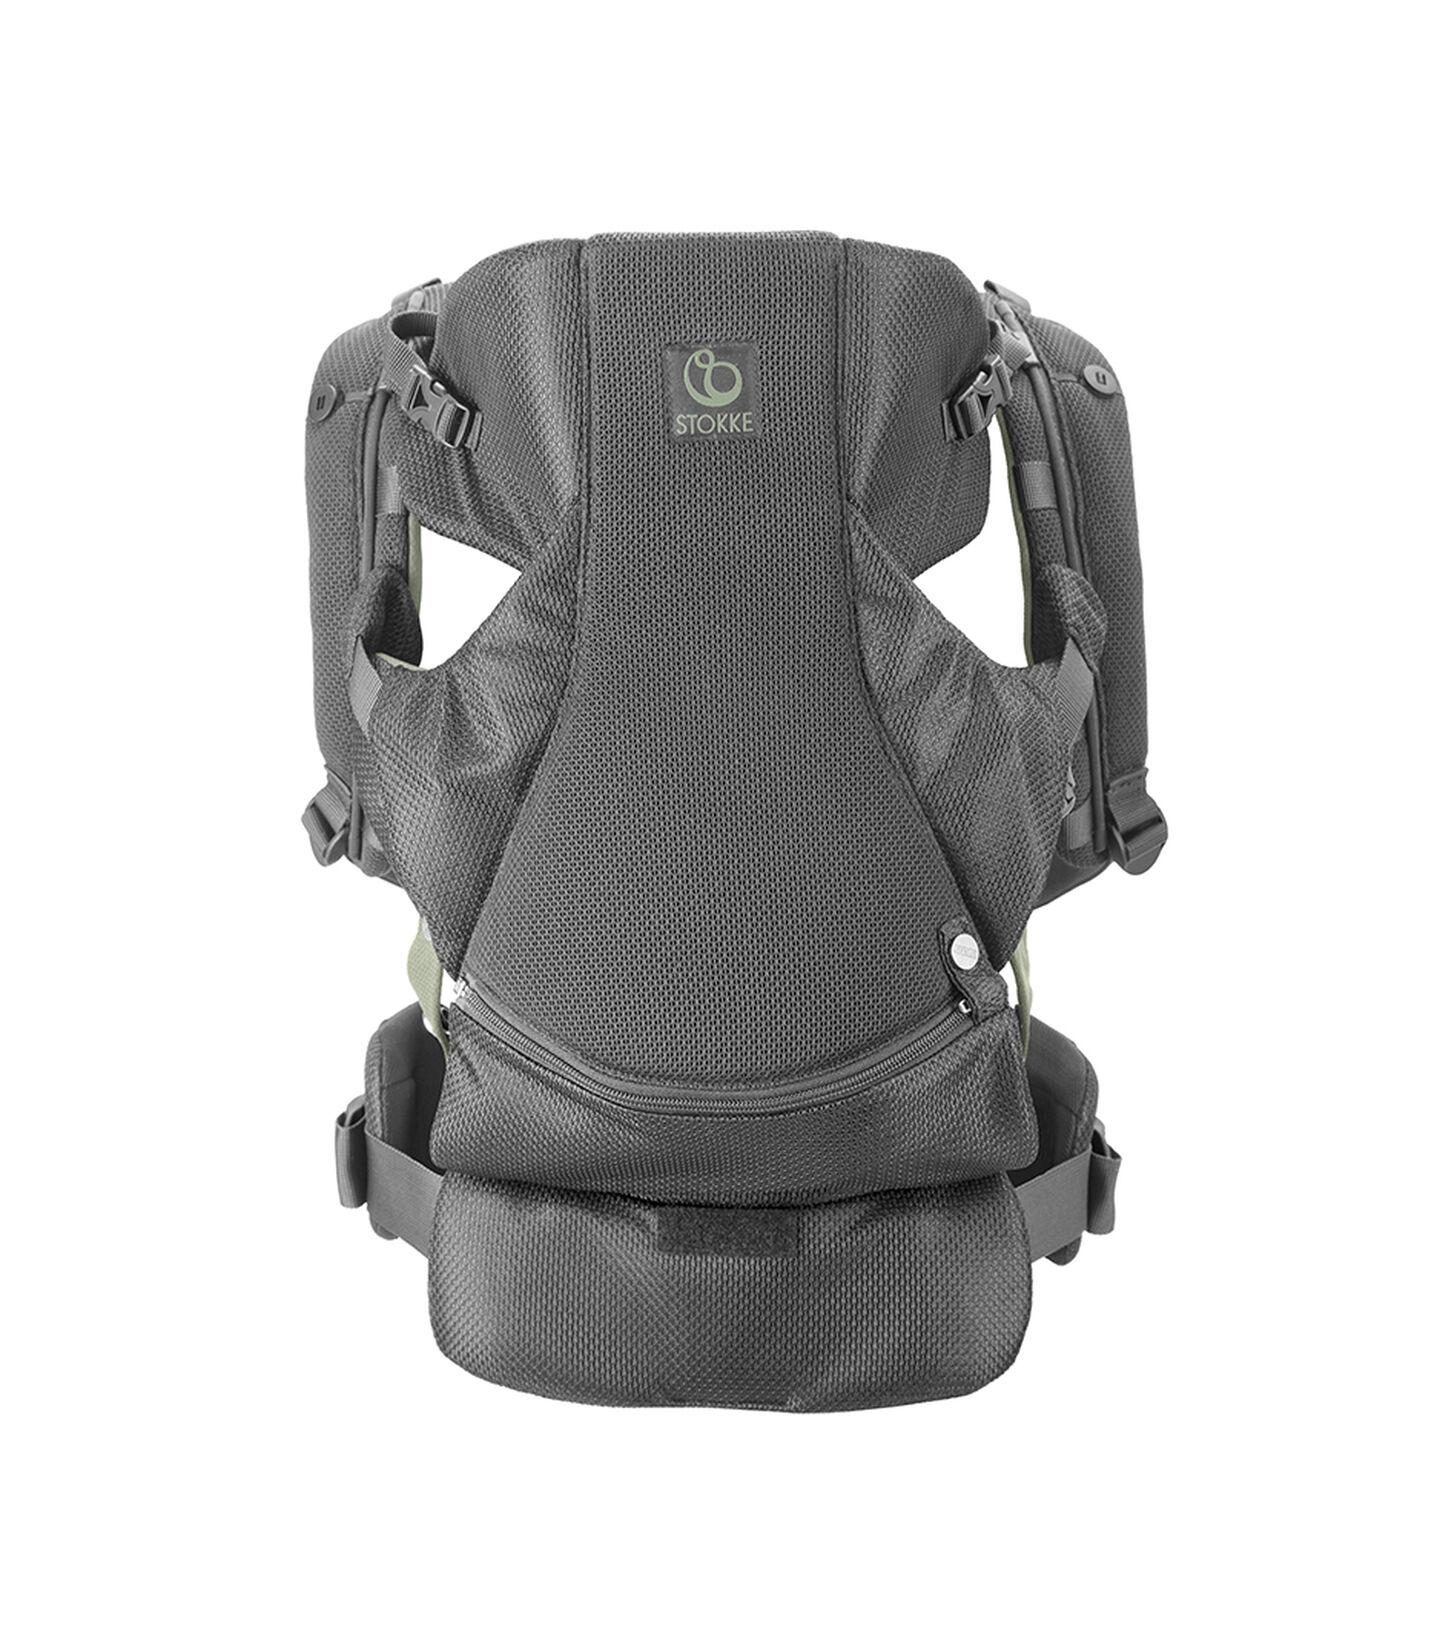 Porte-bébé ventral et dorsal Stokke® MyCarrier™ Green Mesh, Vert Mesh, mainview view 2